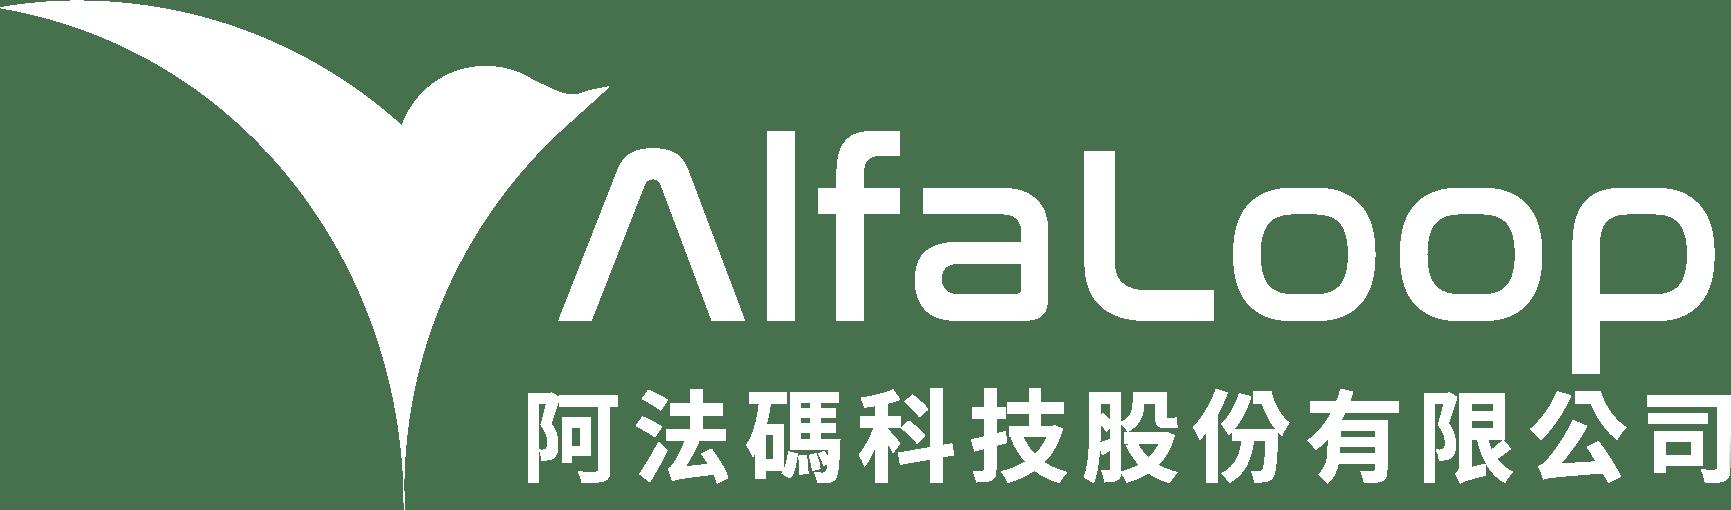 阿法碼科技股份有限公司